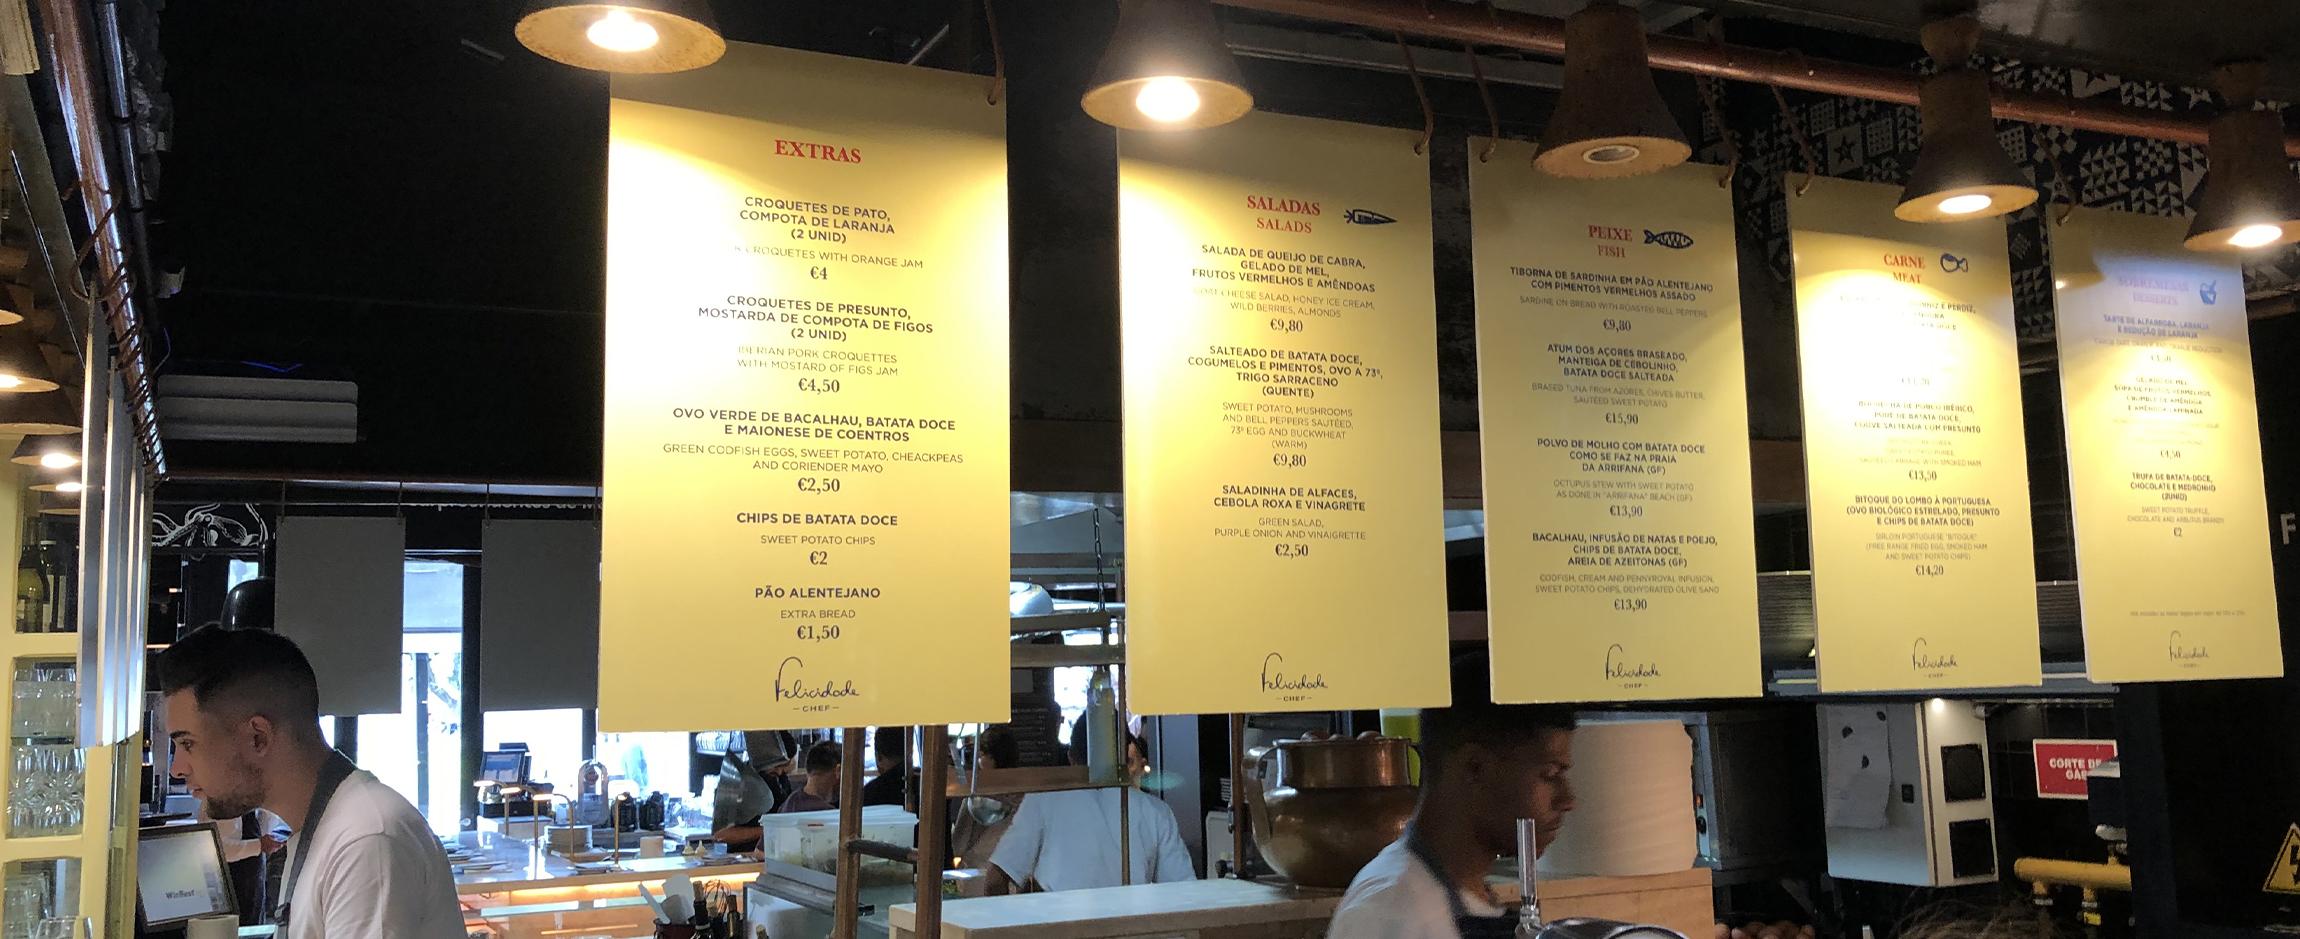 menu-imprime-panneaux-suspendu-menuboard.jpg